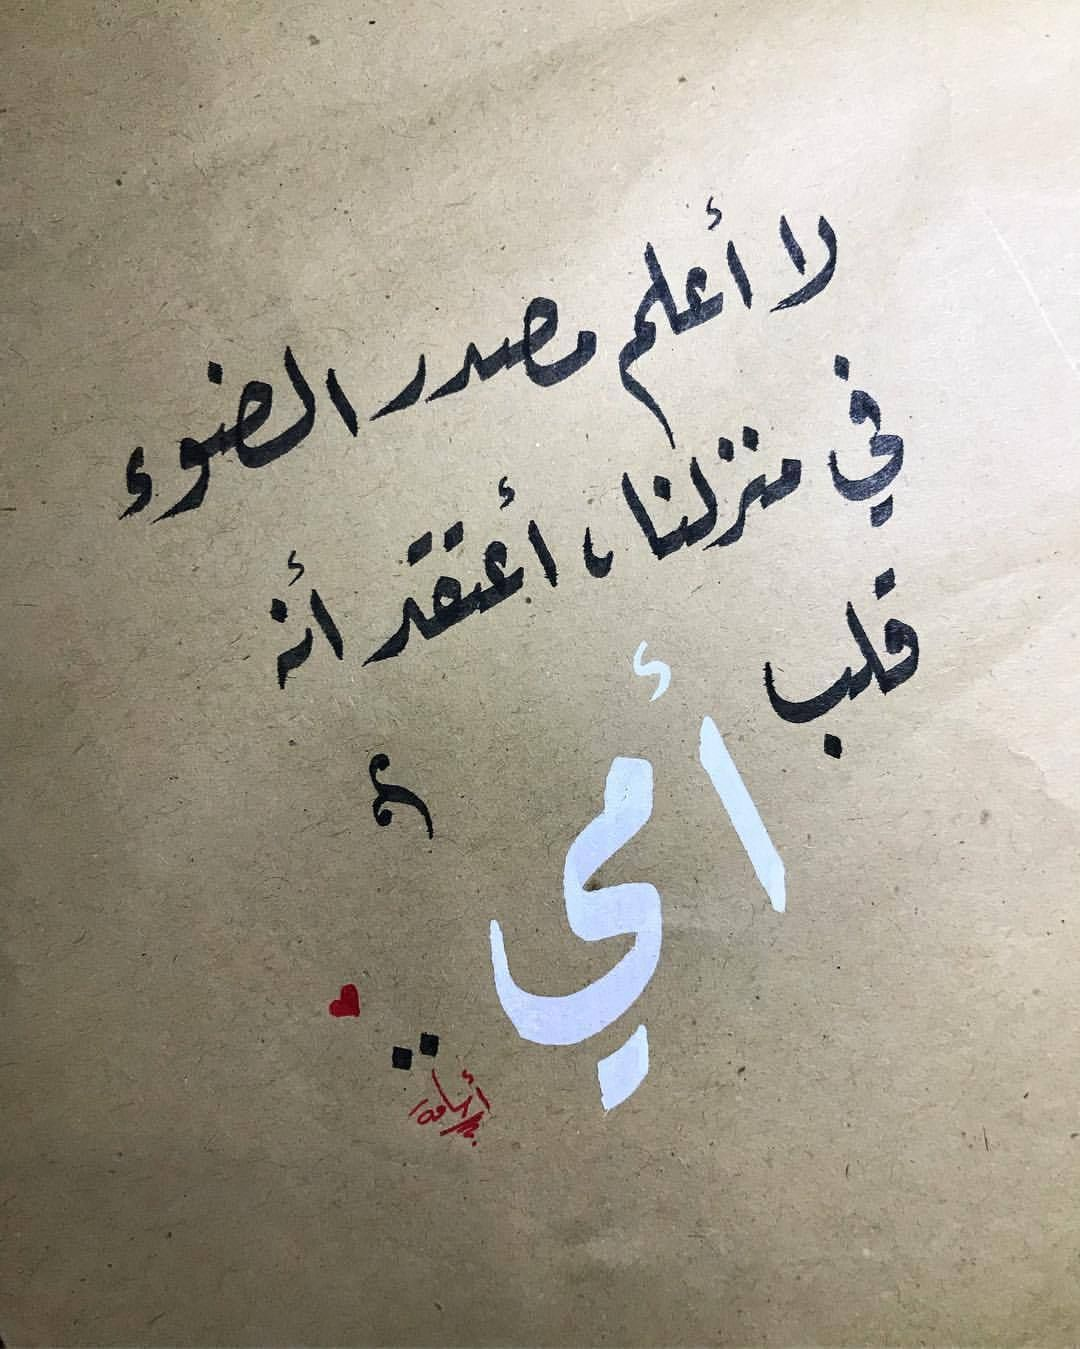 لا أعلم مصدر الضوء في منزلنا أعتقد أنه قلب أمي Wisdom Quotes Life Mom Quotes Beautiful Arabic Words